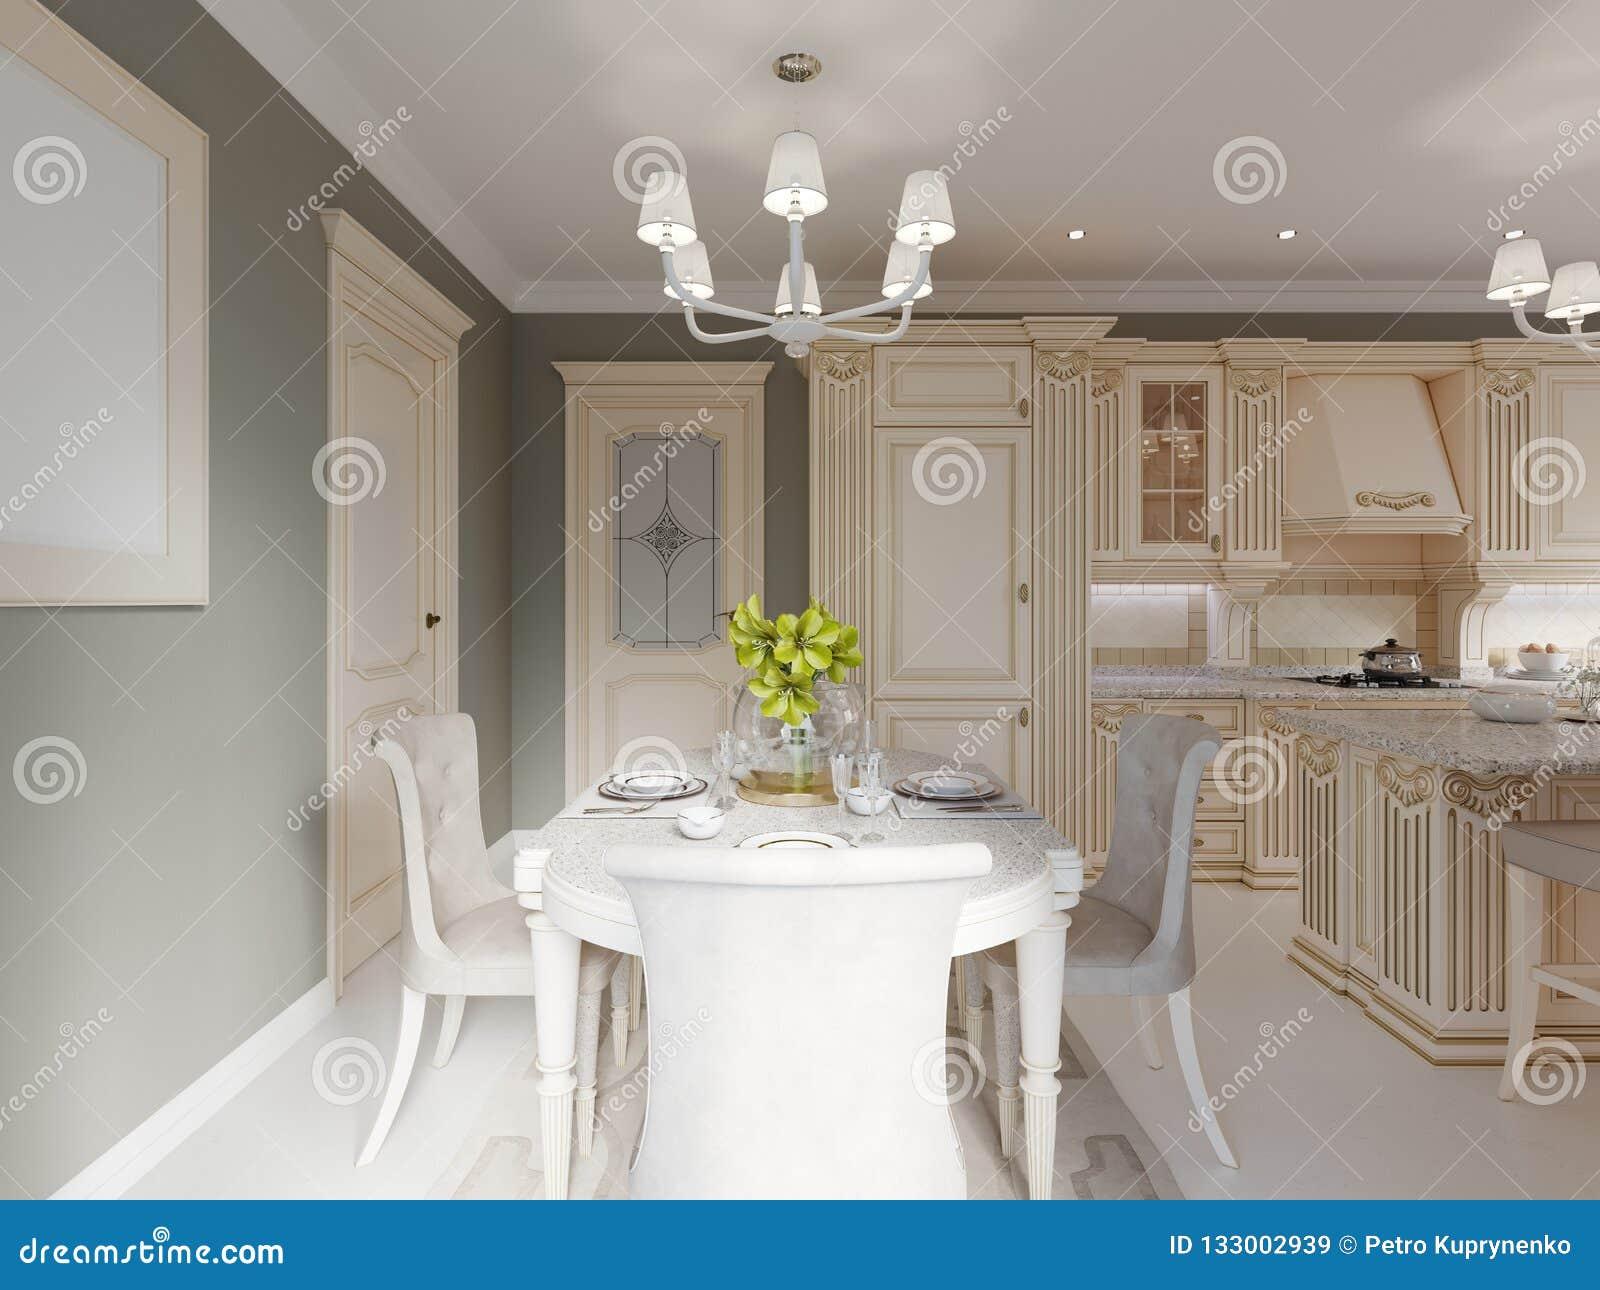 Decoración Y Muebles En Comedor Clásico Stock de ilustración ...